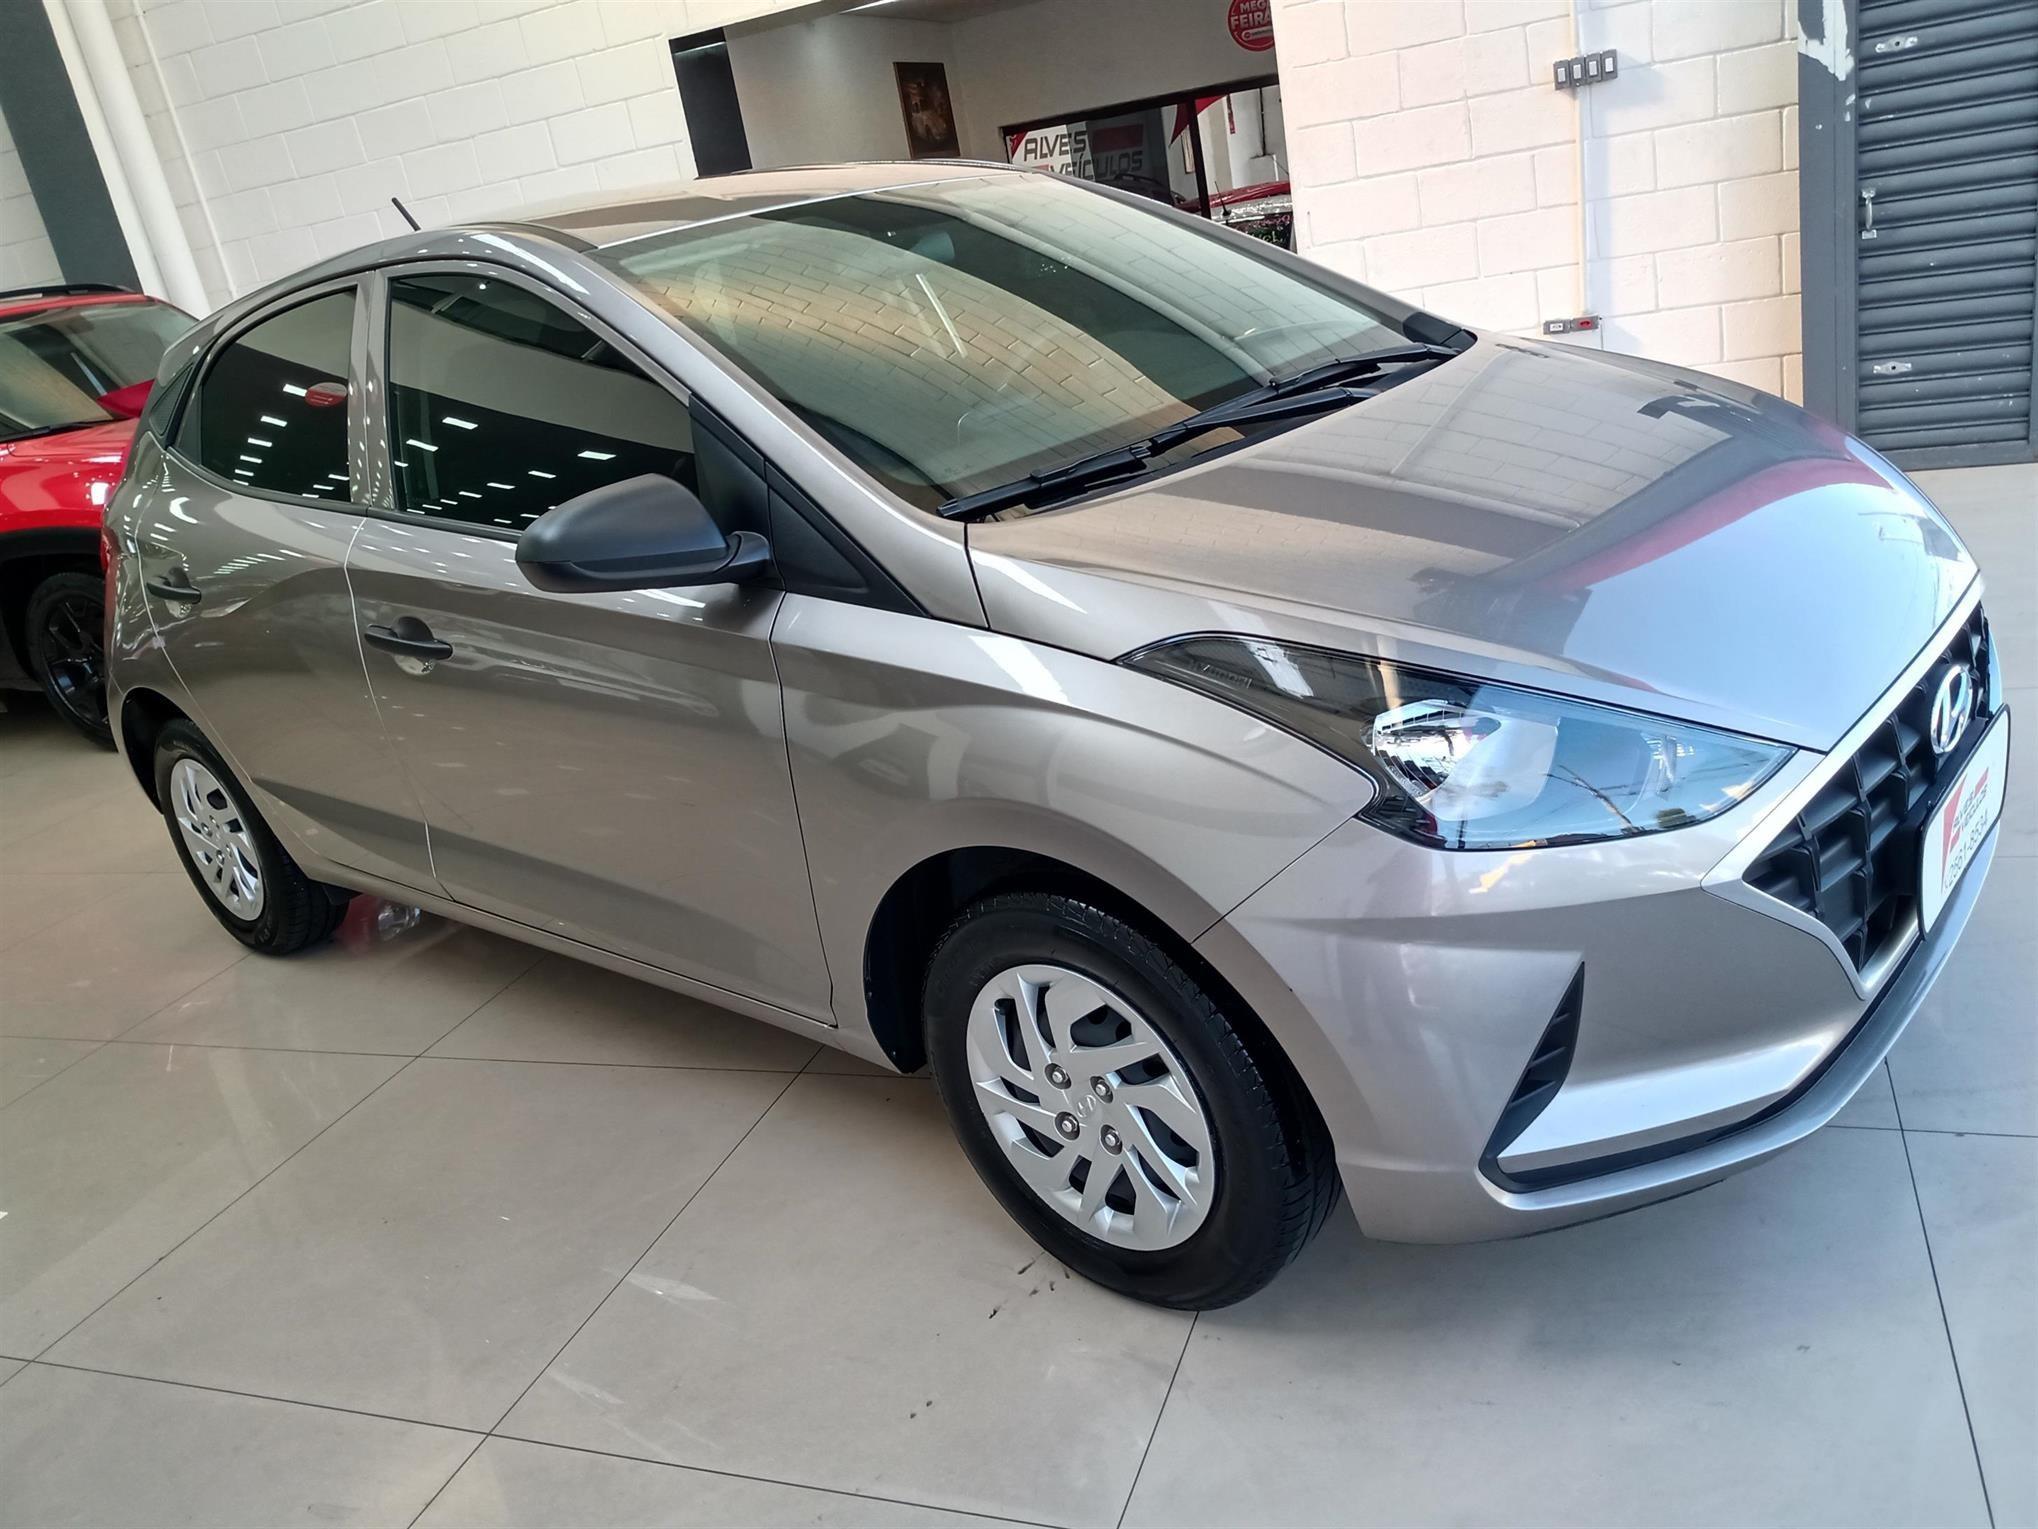 //www.autoline.com.br/carro/hyundai/hb20-10-sense-12v-flex-4p-manual/2020/sao-paulo-sp/14627025